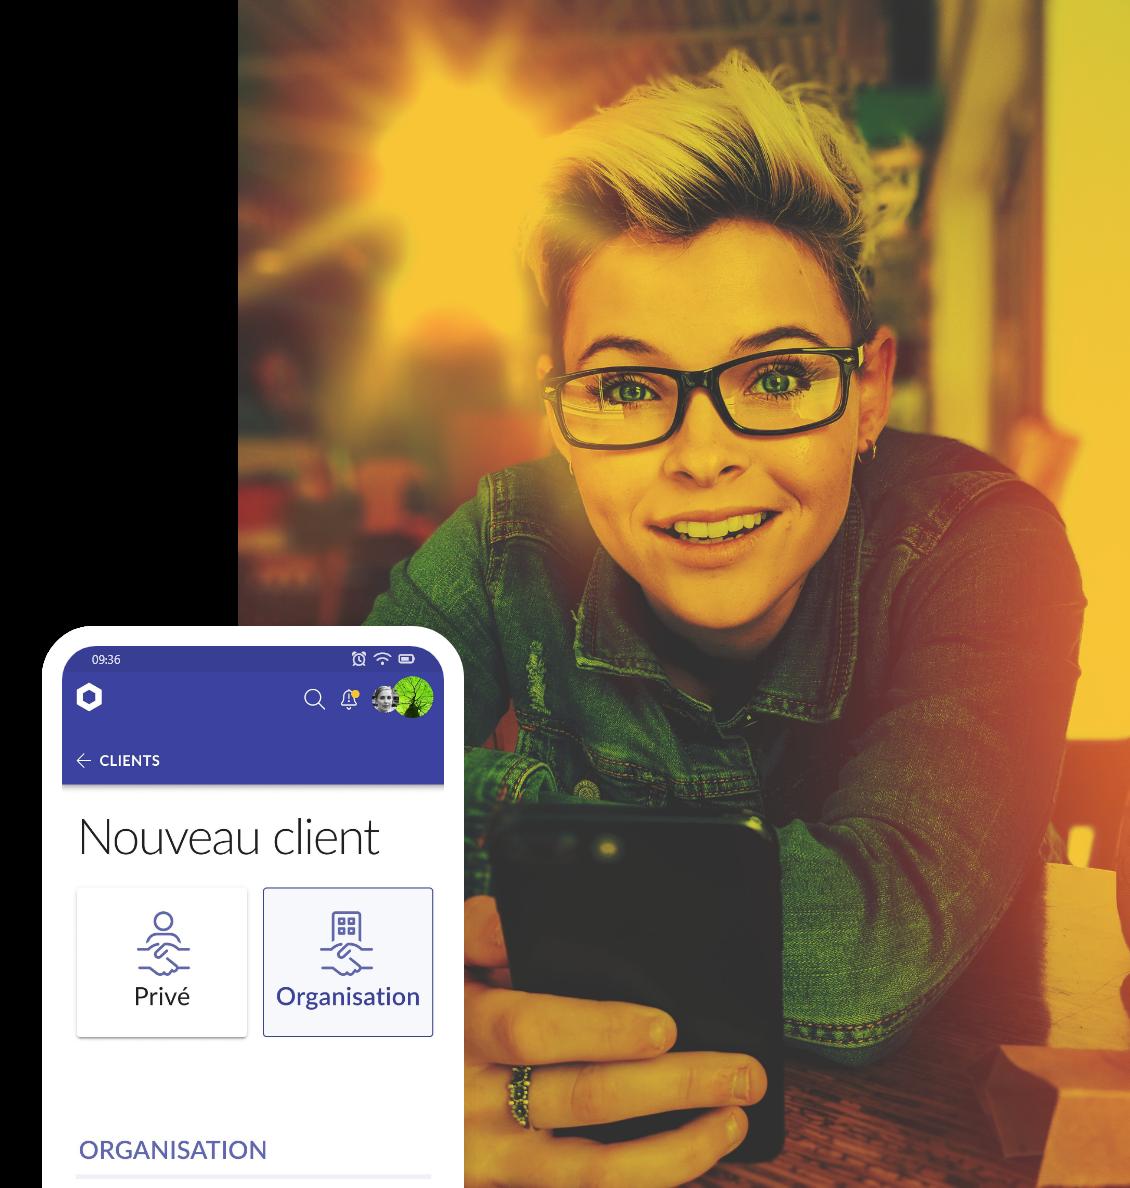 Aperçu de la page de l'application - fille avec un smartphone